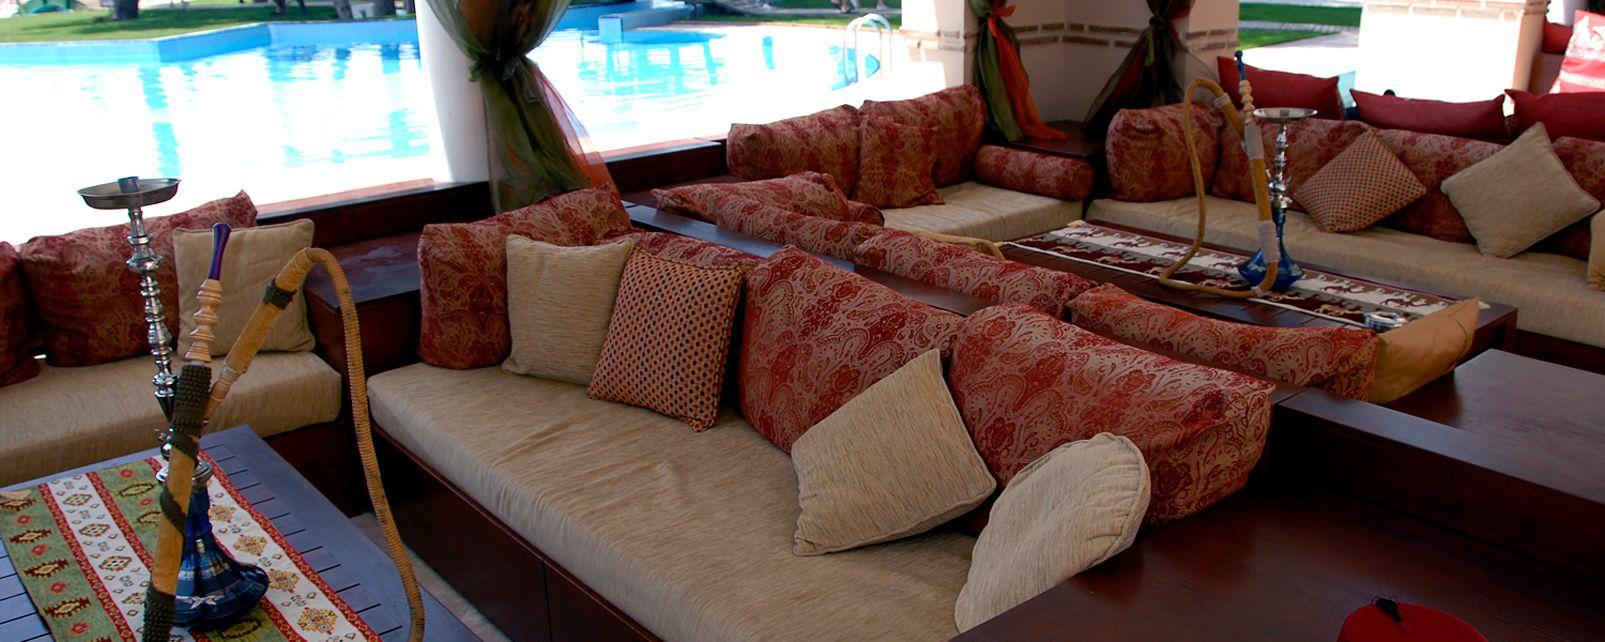 Hotel Sillyum Golf Resort